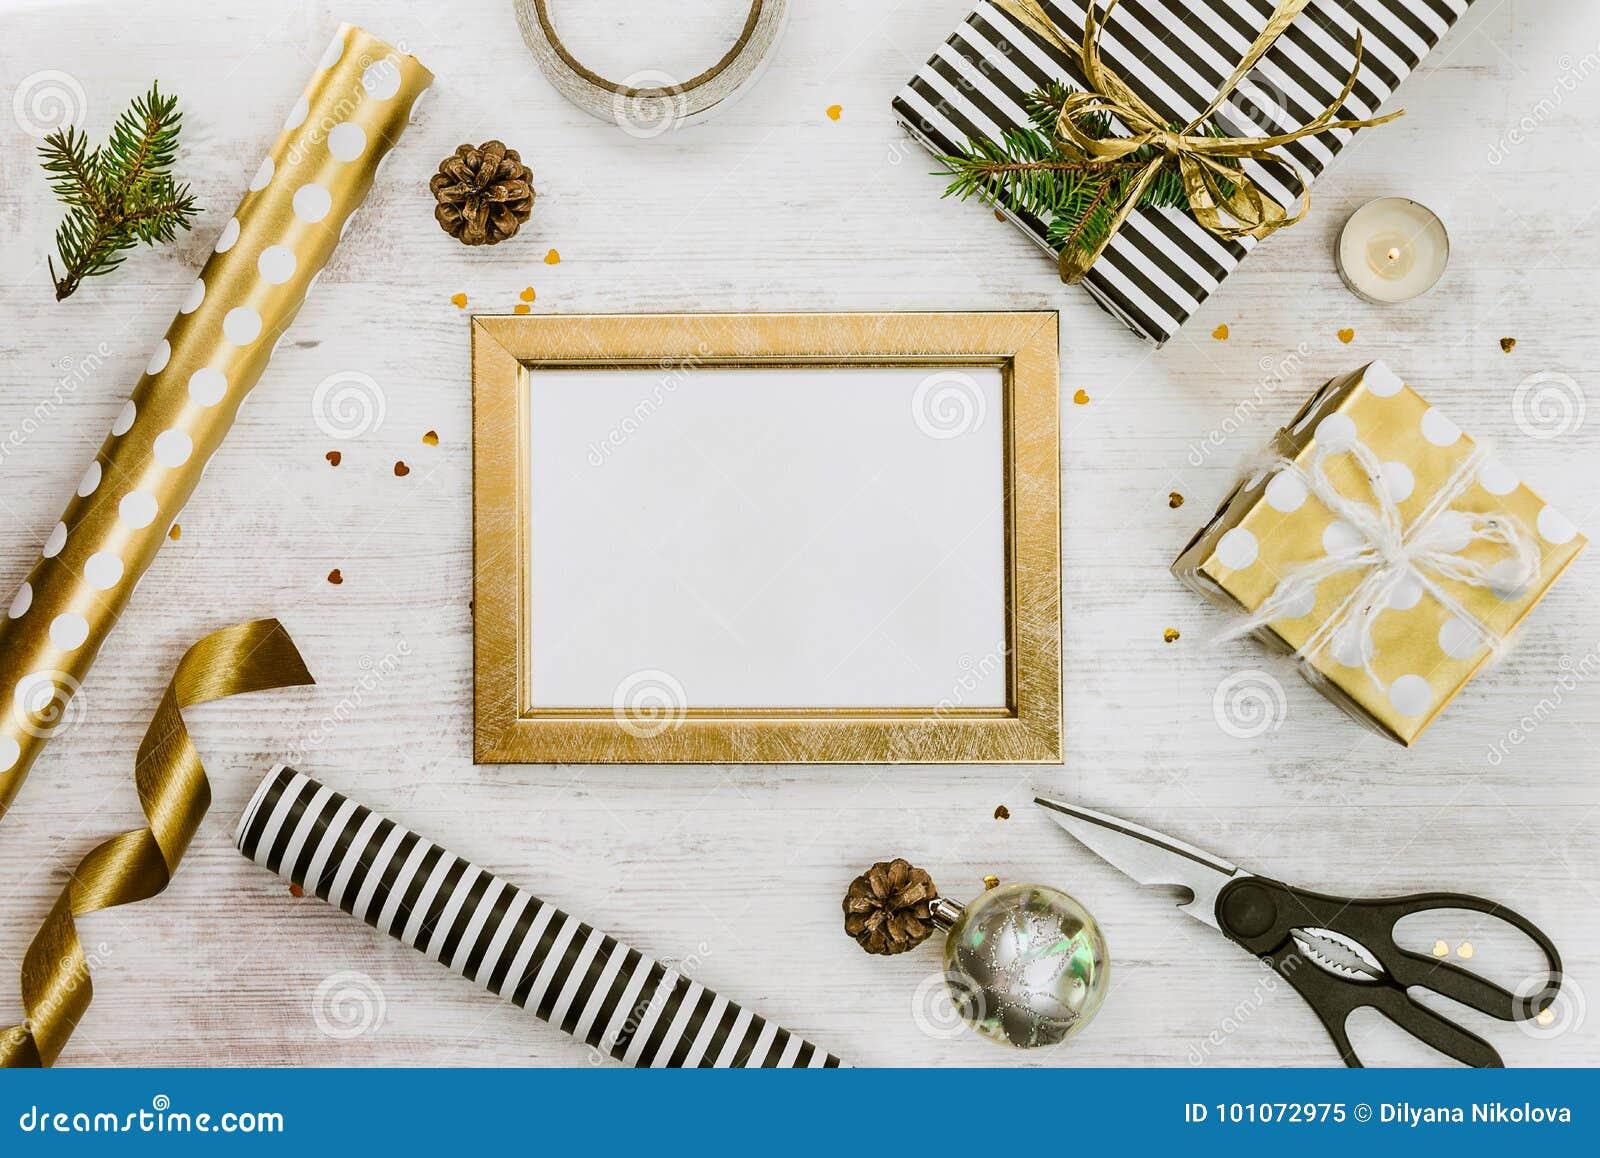 Χρυσό πλαίσιο ptoto, κιβώτια δώρων, παιχνίδια κώνων πεύκων και Χριστουγέννων και τυλίγοντας υλικά σε ένα άσπρο ξύλινο παλαιό υπόβ